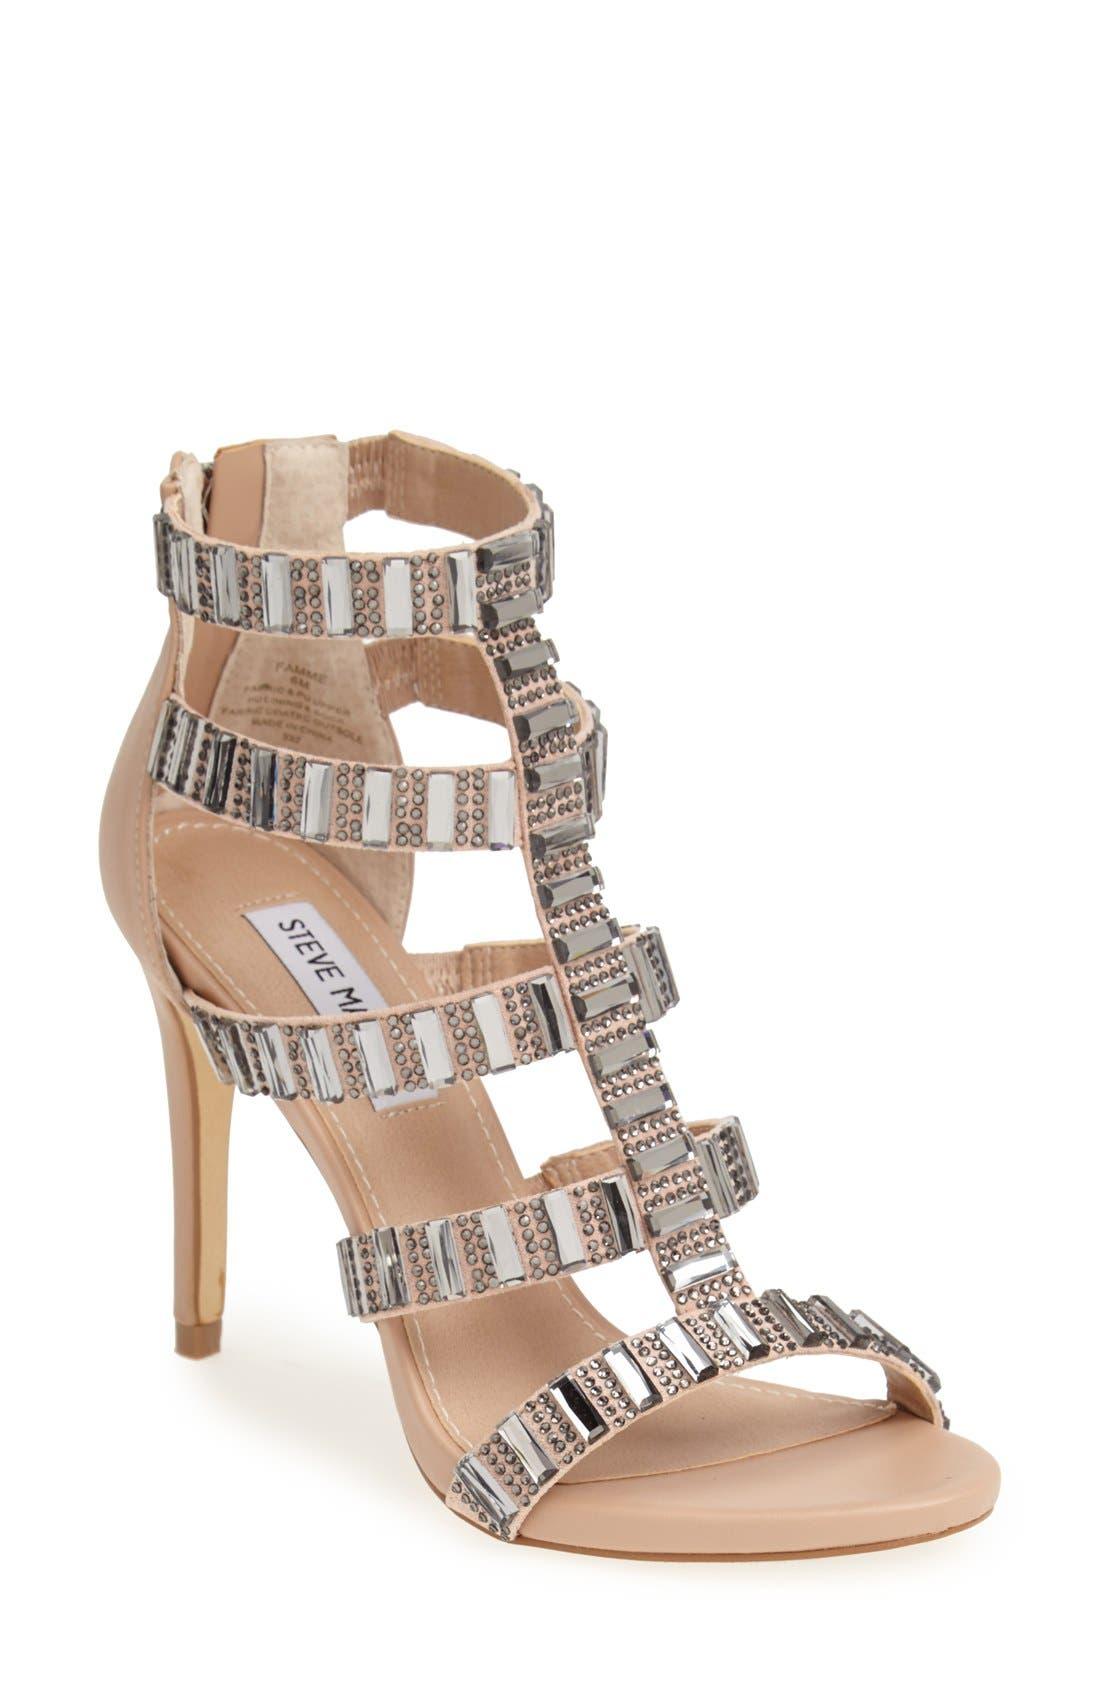 Alternate Image 1 Selected - Steve Madden 'Famme' Crystal Sandal (Women)